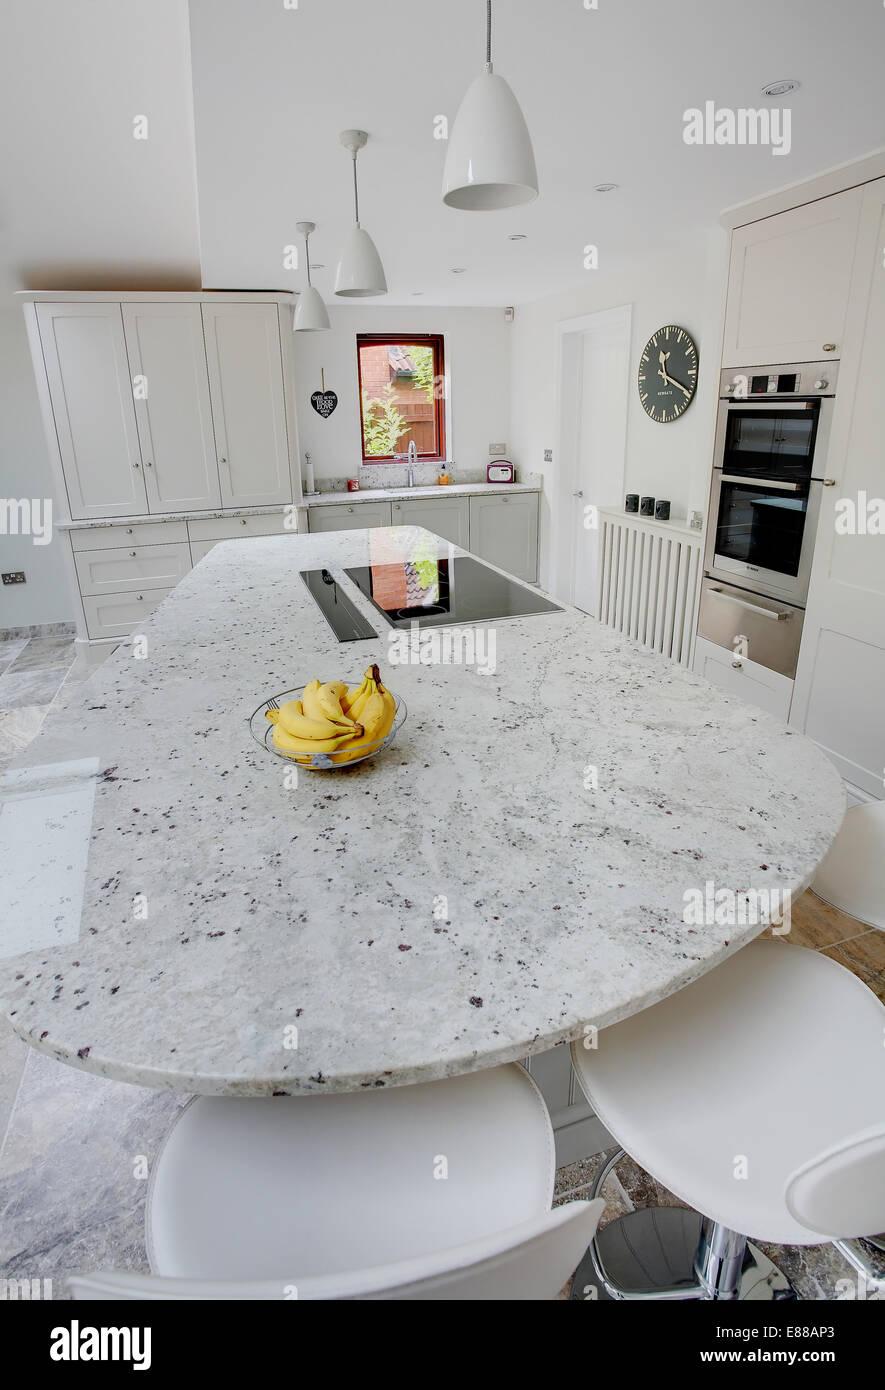 Eine Moderne Weisse Kuche Mit Granit Arbeitsplatten Stockfotografie Alamy